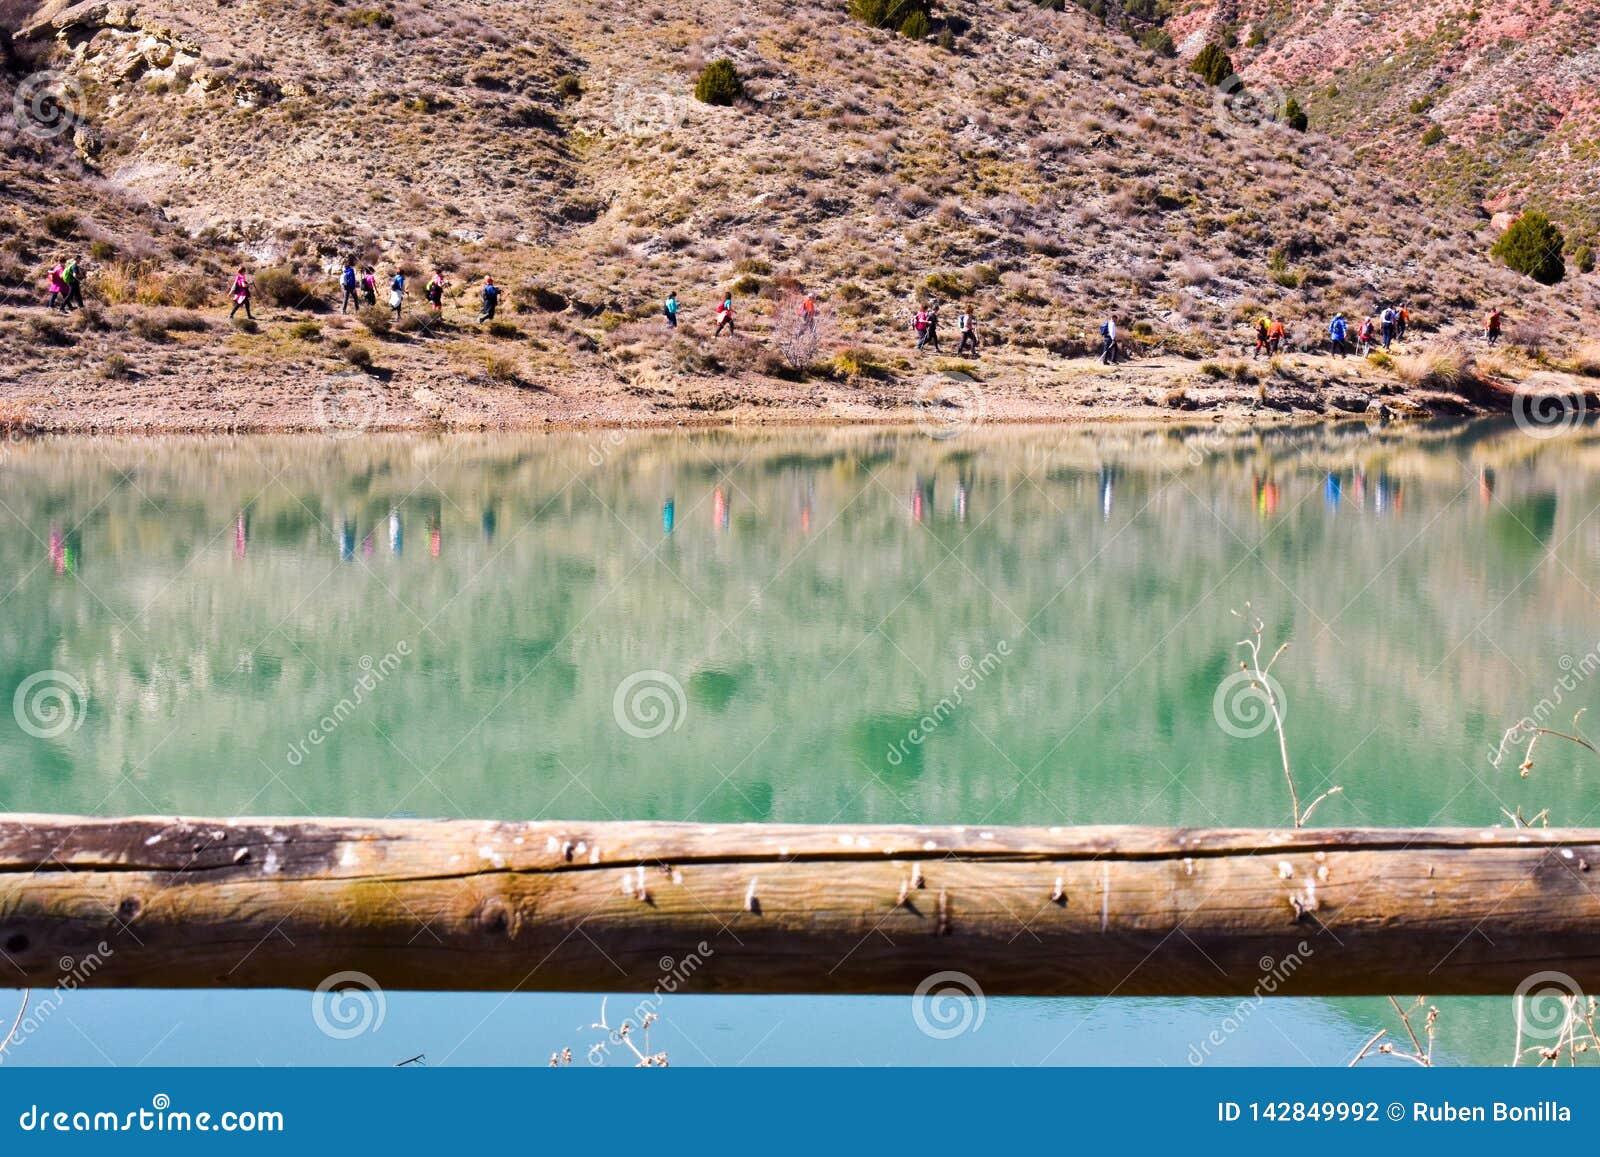 Gruppe erwachsene Leute mit buntem Rucksacktrekking auf einem Weg des Sandes und der Steine gehend nahe bei einem See, der ihre B